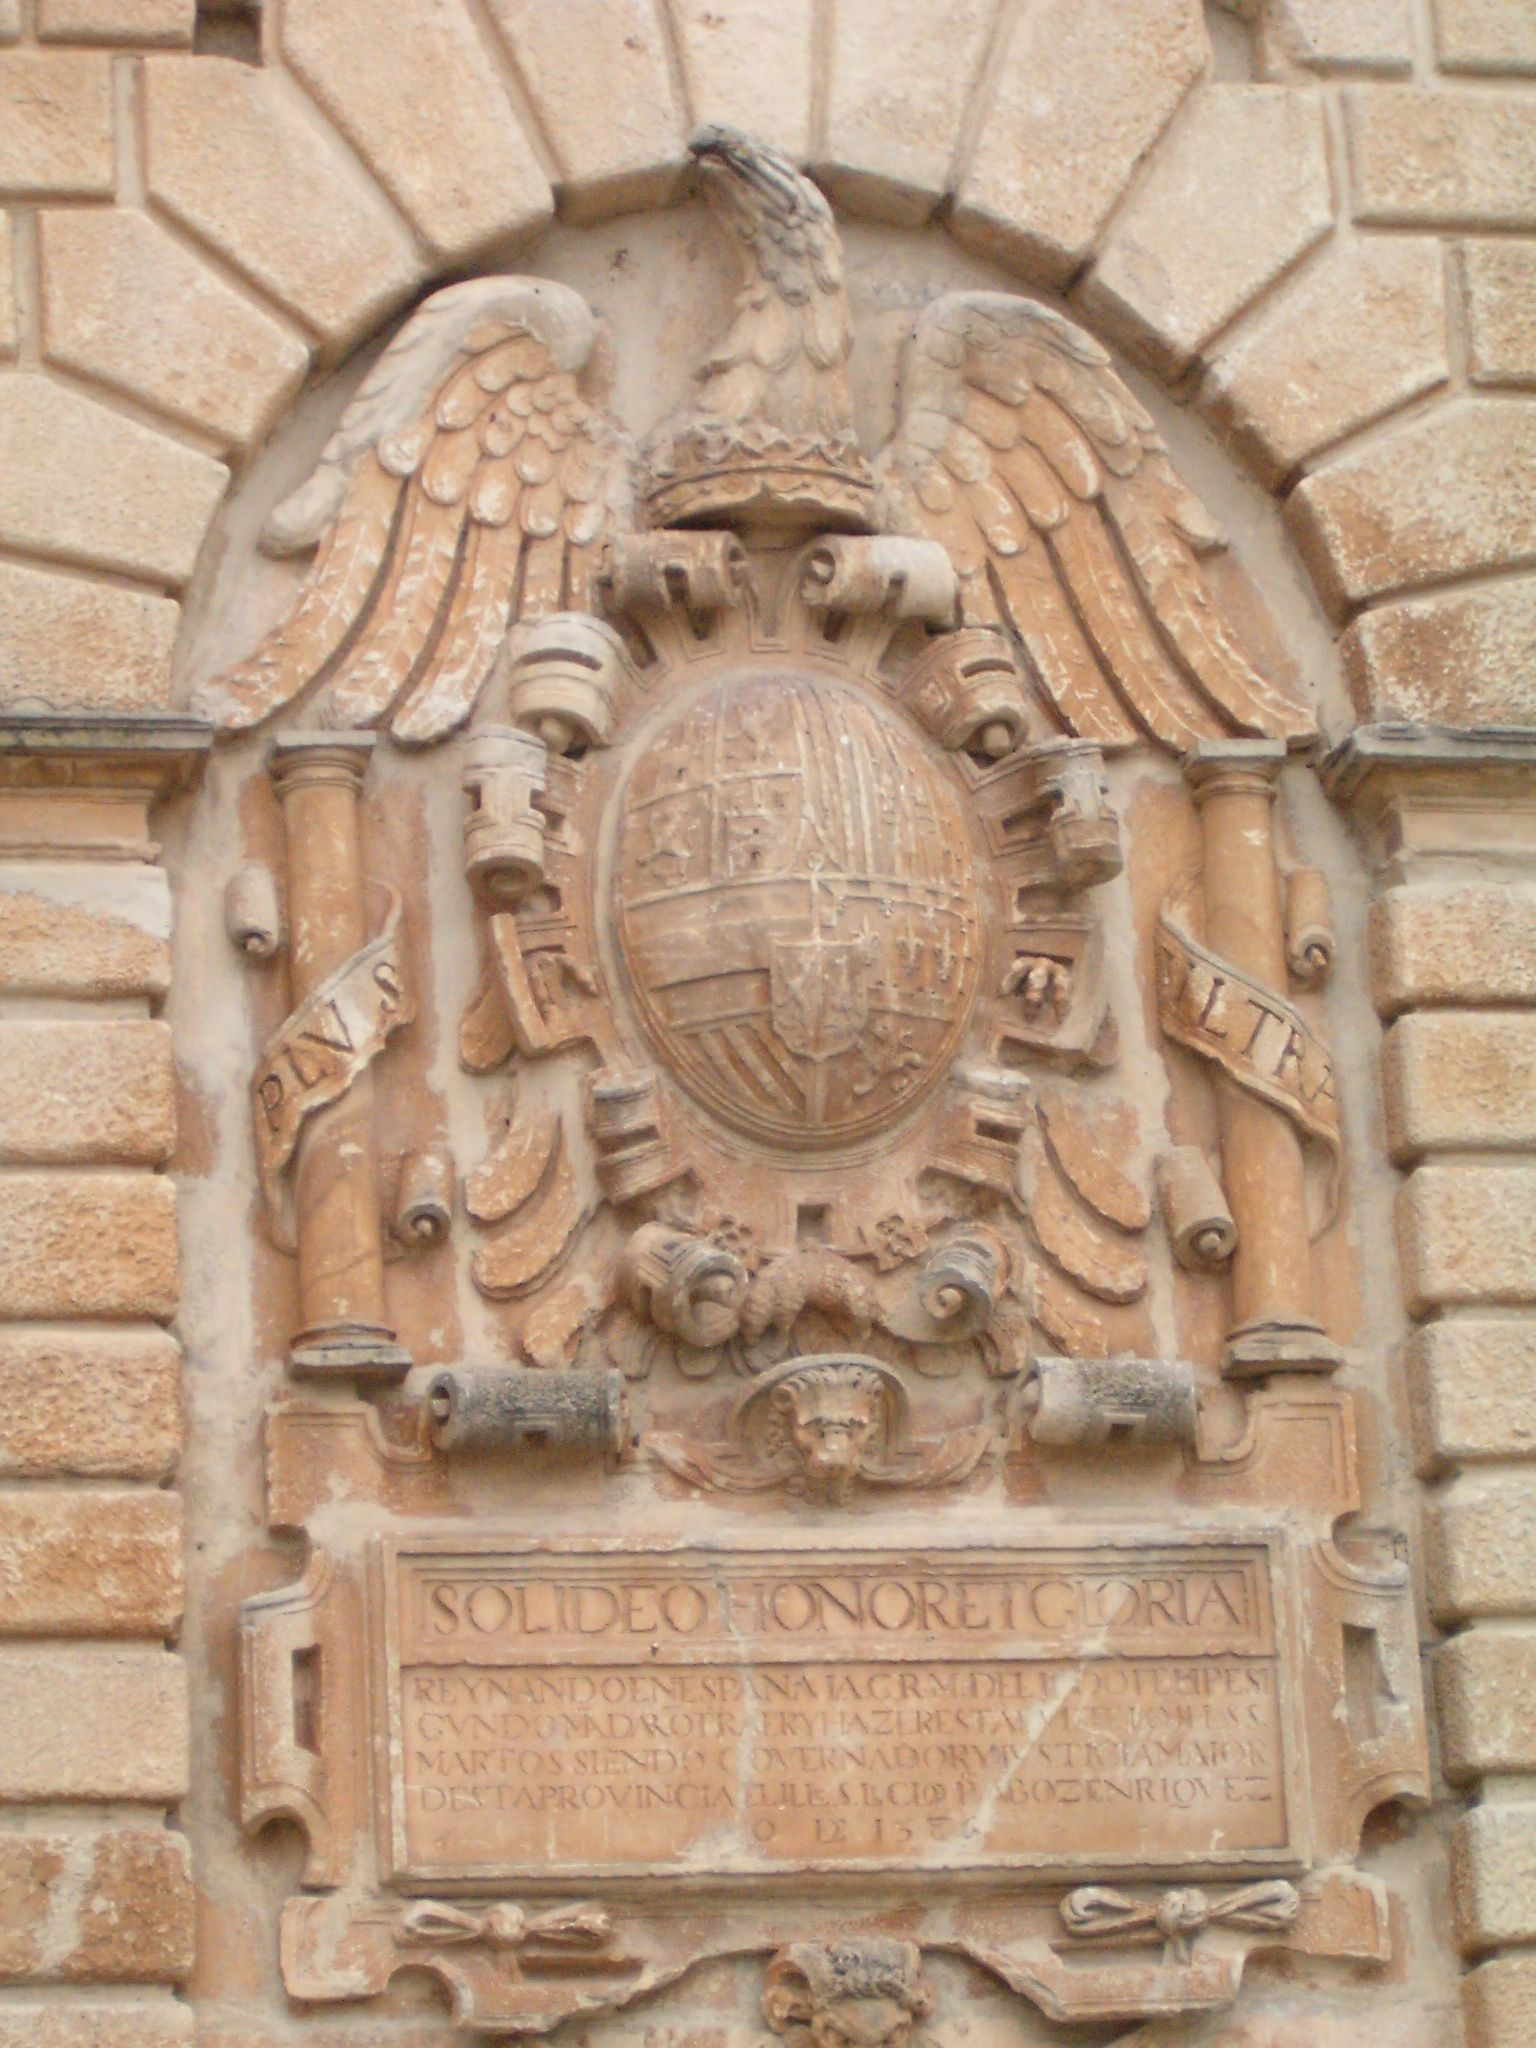 detalle de la gran águila de San Juan en el centro del frontal del pilar con el escudo heráldico